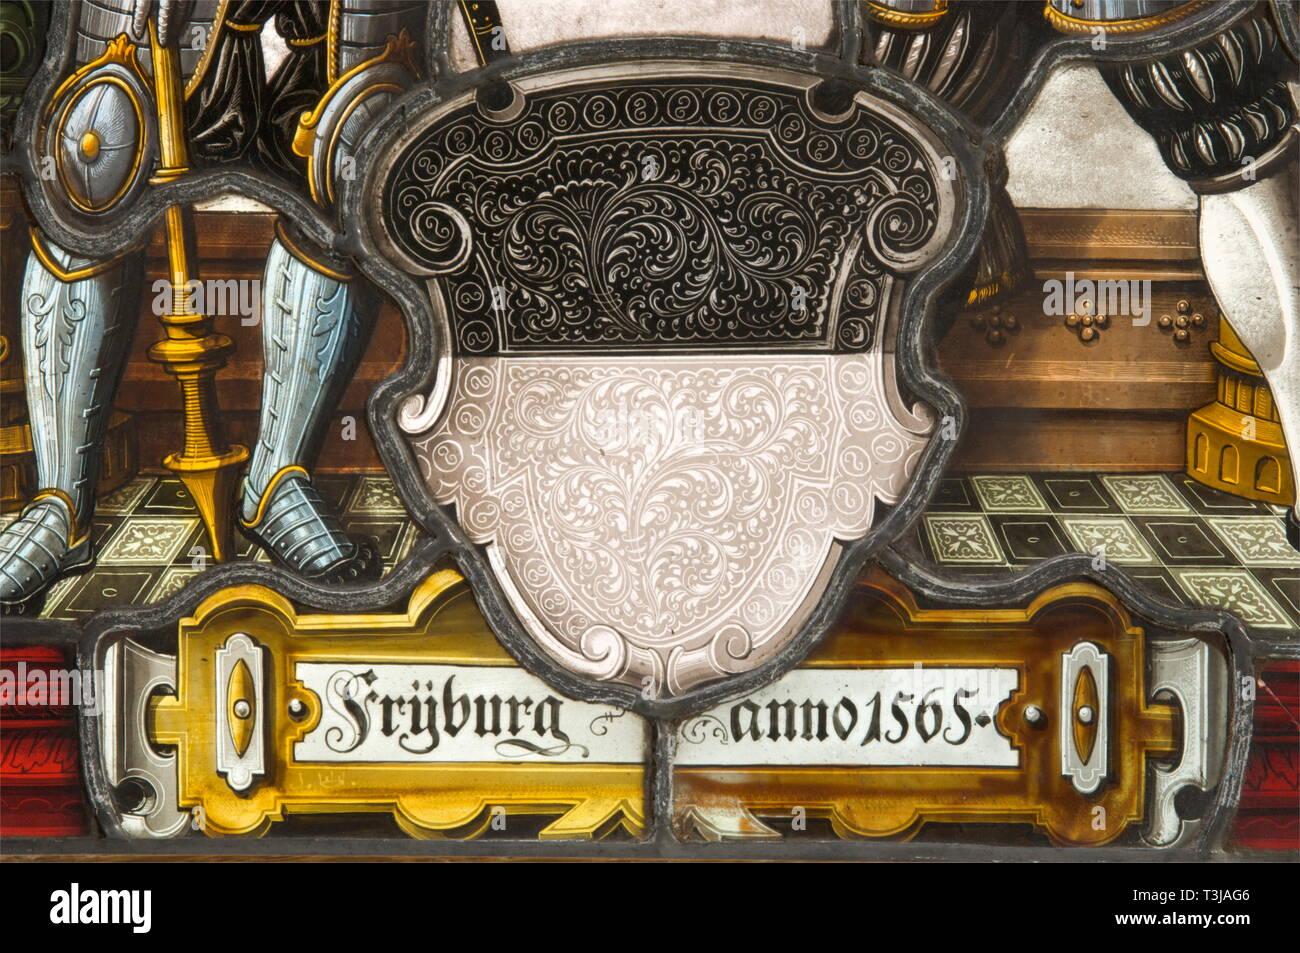 """Un par de paneles de vidrio emplomado mostrando blasones, Alemania o Suiza, la segunda mitad del siglo XIX magníficamente diseñado con finos paneles de vidrio emplomado 'Schwarzlot'-pintura sobre vidrio de distintos colores en el estilo del siglo 16. Escudo central los escudos de las ciudades de Zurich y Friburgo, cada flanqueado por la figura de un permanente Landsknecht. Configuración arquitectónica en el fondo. Un panel de fecha """"1565"""". Ambos grupos están firmados """"J"""" con una corona. En los marcos de madera siempre con latón anillos de suspensión. Las dimensiones de cada una de 46 x 36 cm., Additional-Rights-Clearance-Info-Not-Available Imagen De Stock"""